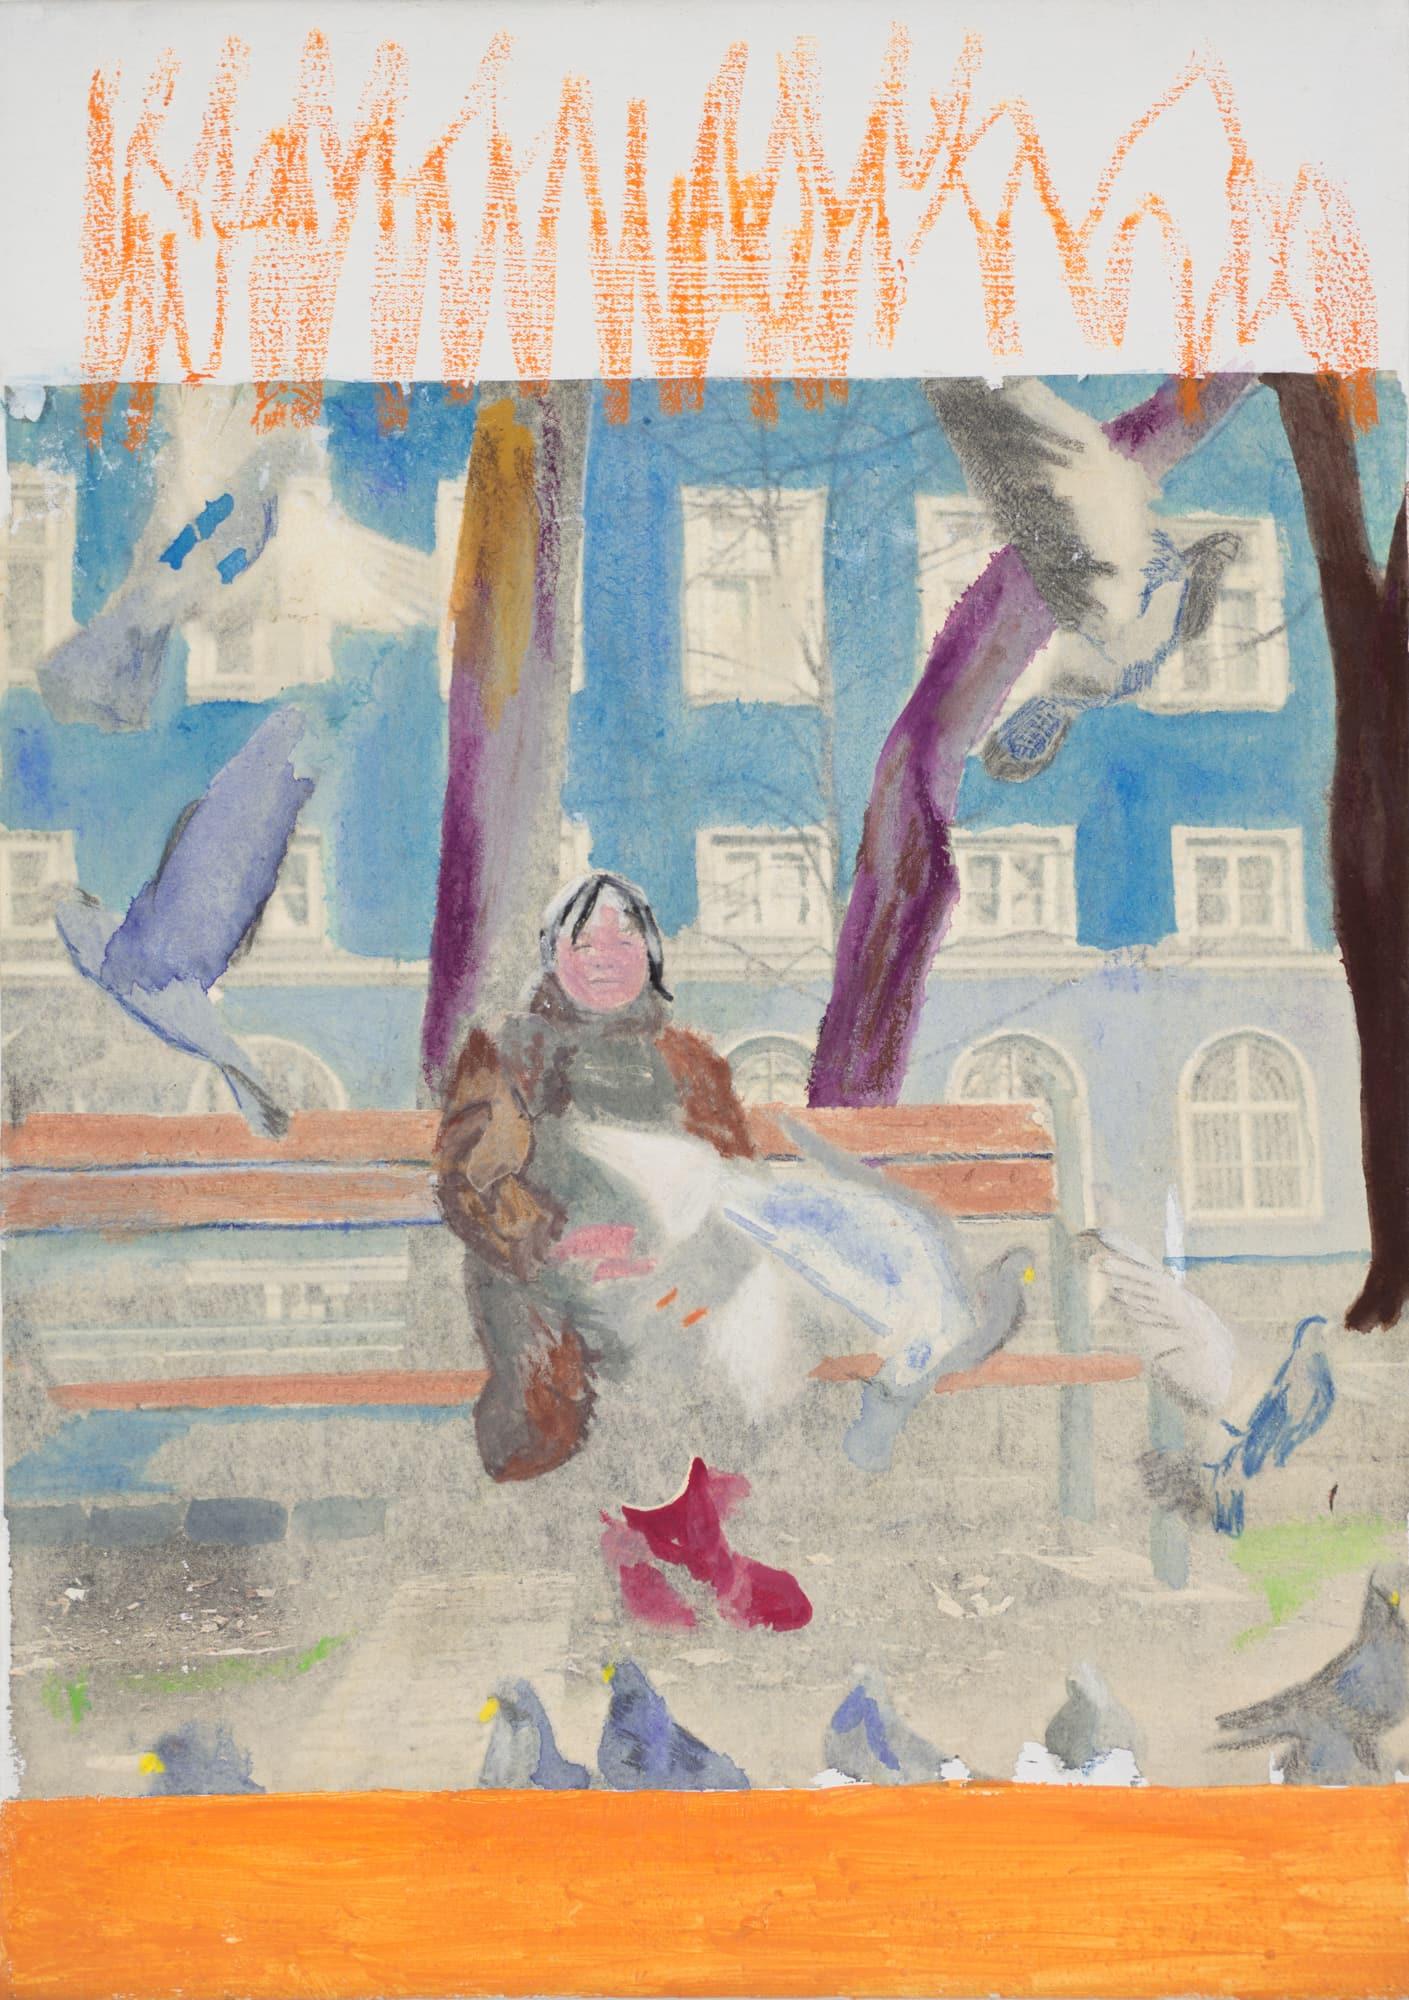 Zeichnung, Farbstift und Öl auf Leinwand, 25x35cm, alte Frau auf Parkbank, Künstlerin: Franziska King